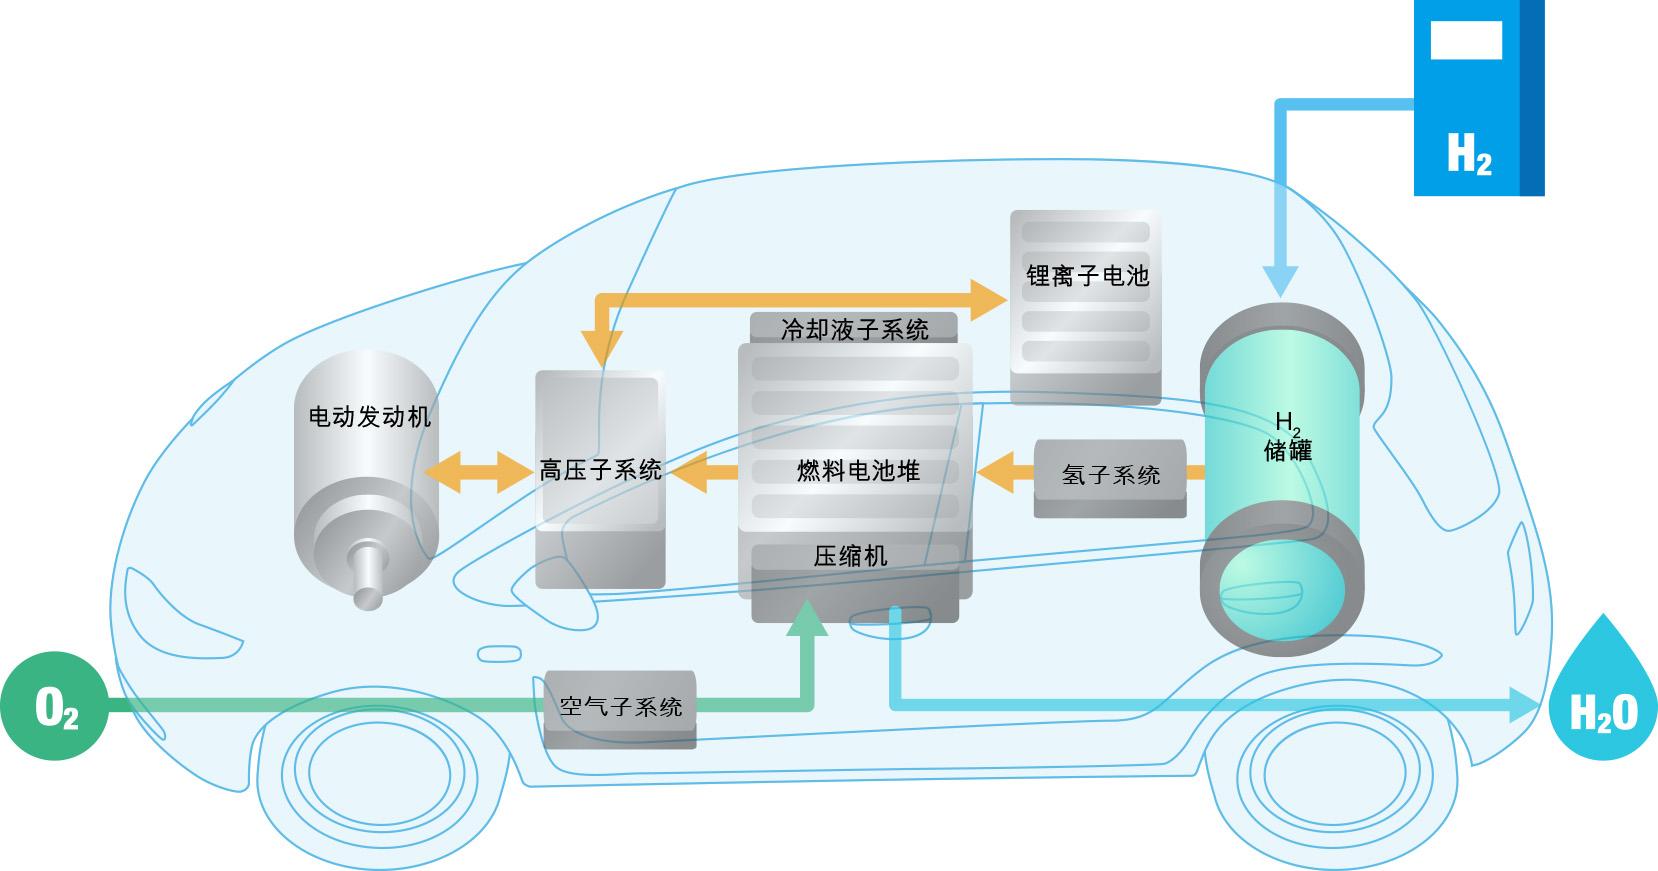 燃料电池电动汽车 的主要部件